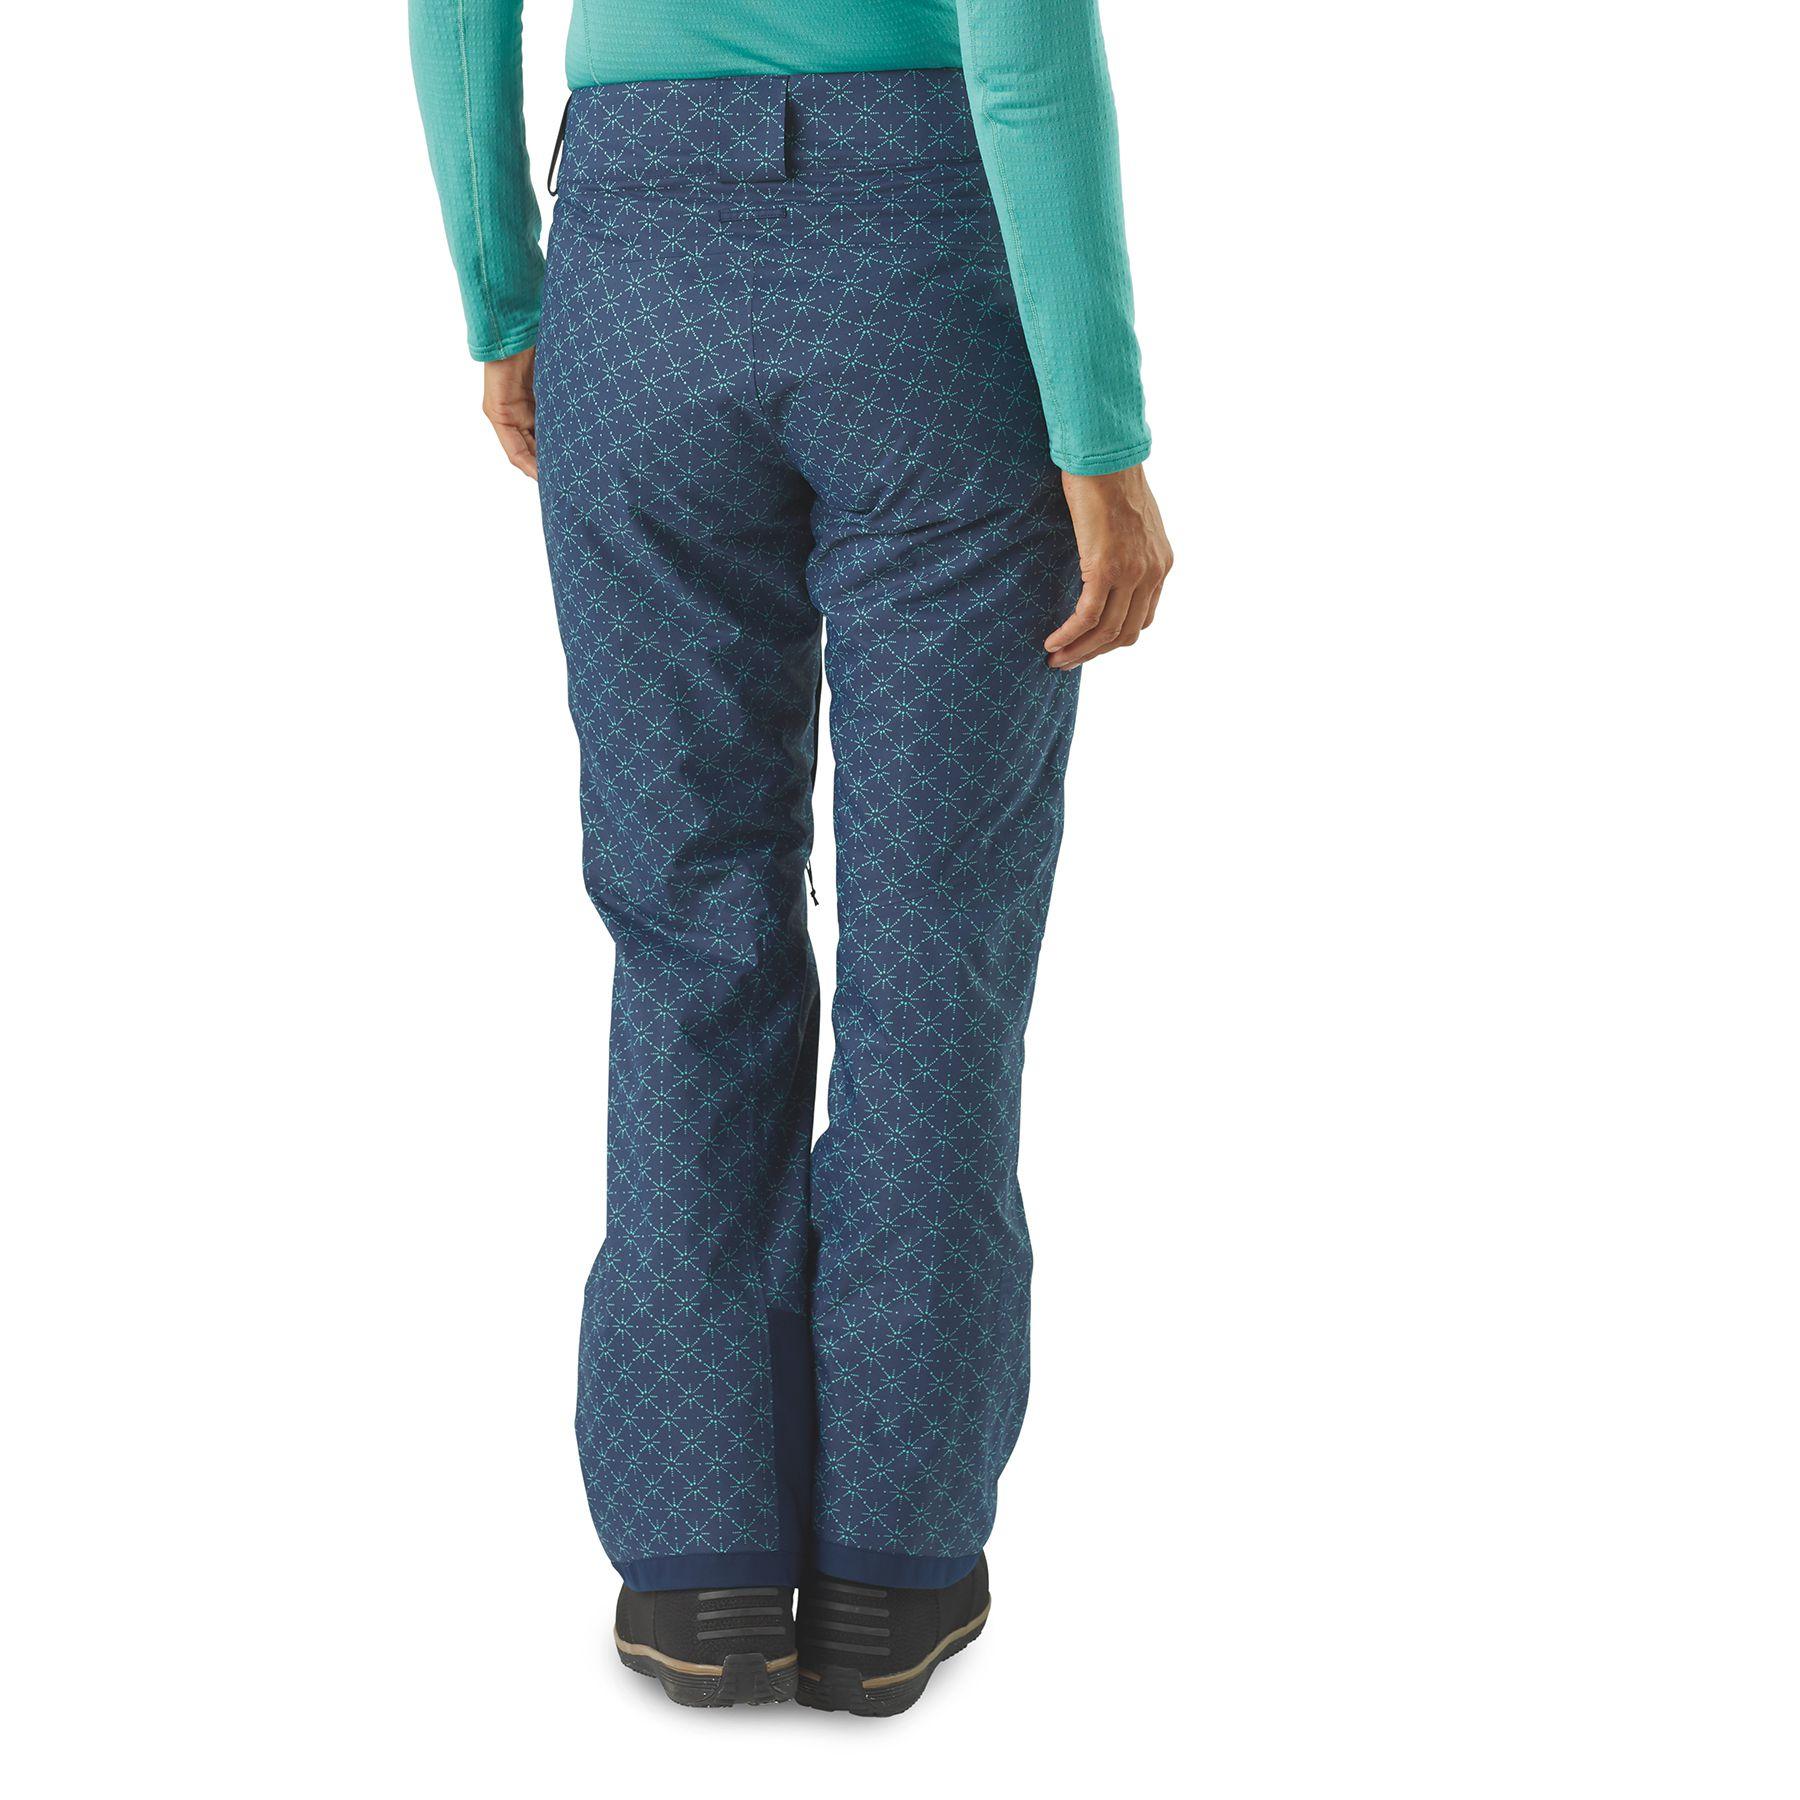 d8352abf6ba Pantalon ski PATAGONIA W s Insulated Snowbelle Dark Currant - La ...